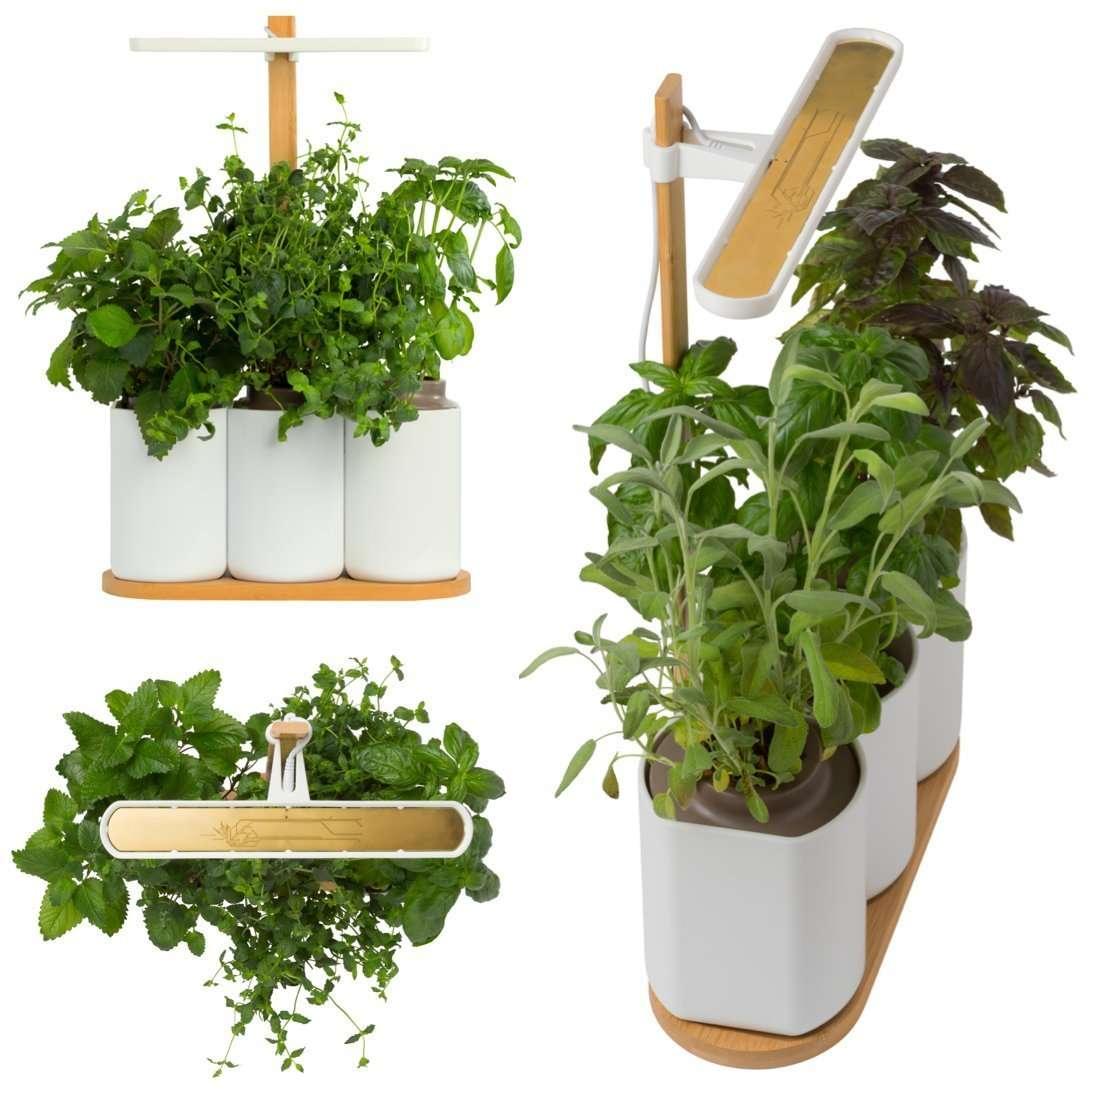 Herbes Aromatiques D Intérieur maison] plantes aromatiques d'intérieur à savourer toute l